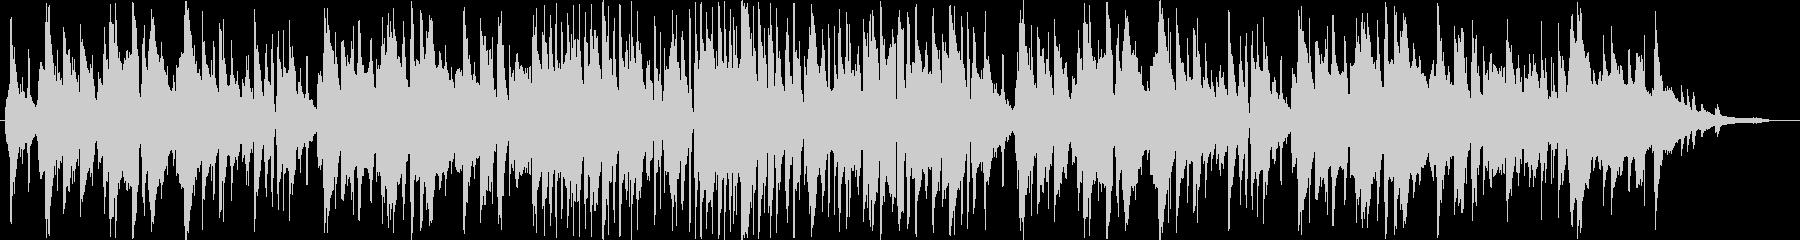 フランス・ジャズアコーディオンのワルツの未再生の波形